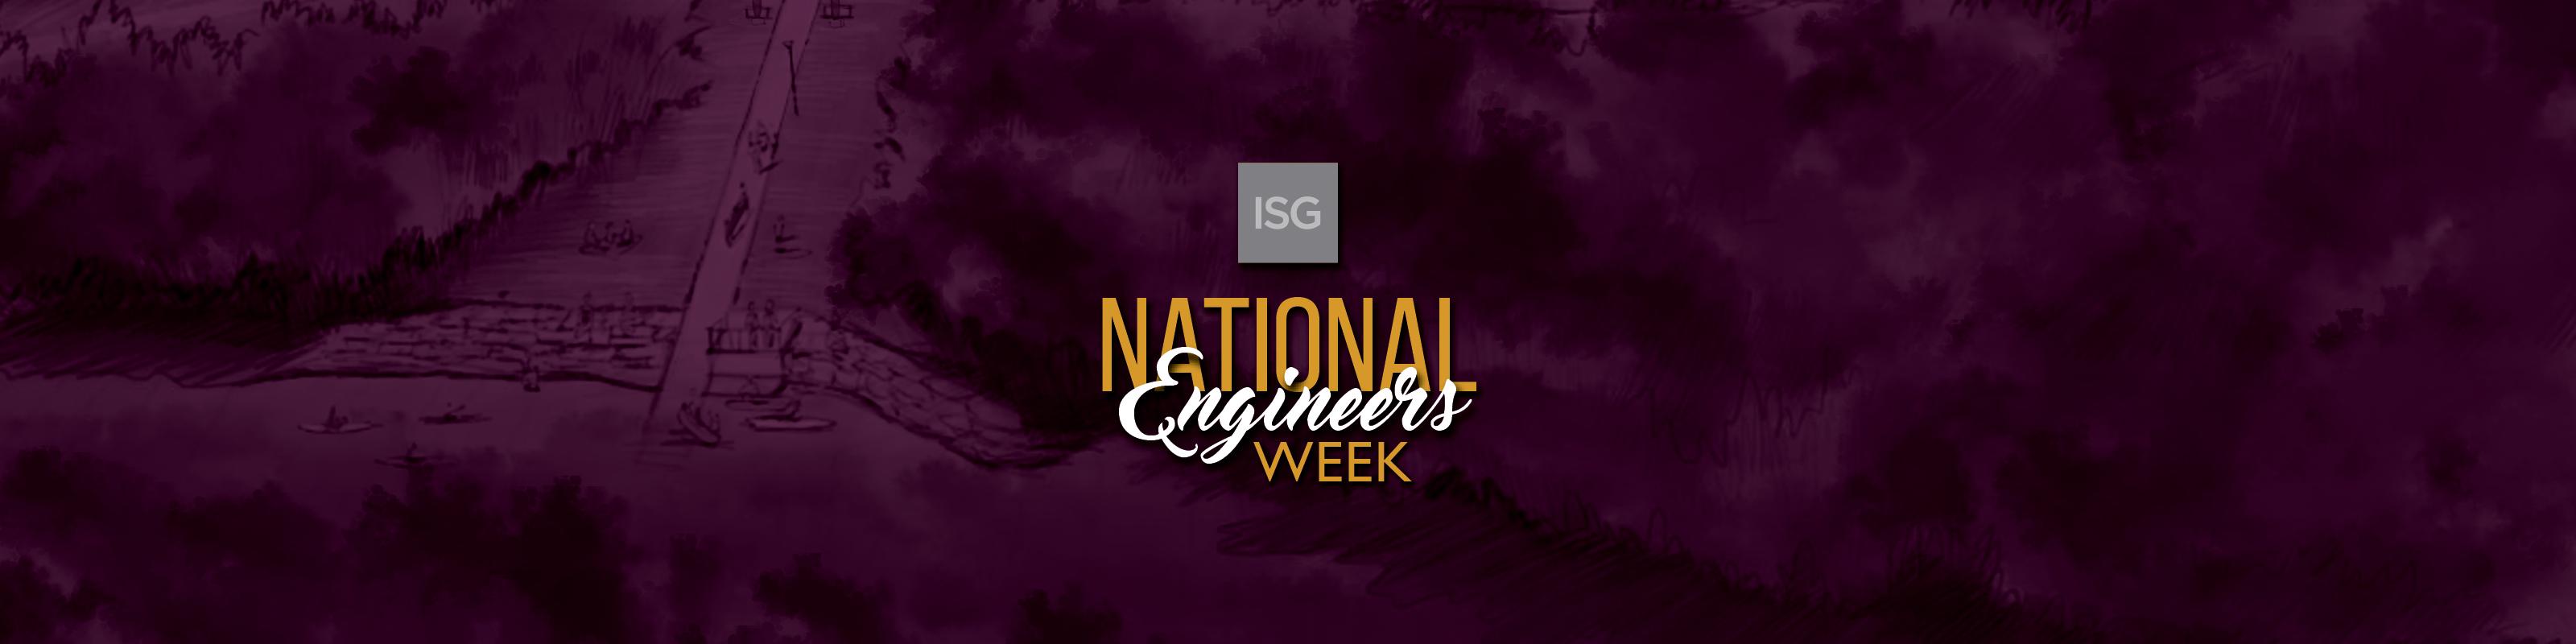 2018-02-19-engineers-week2